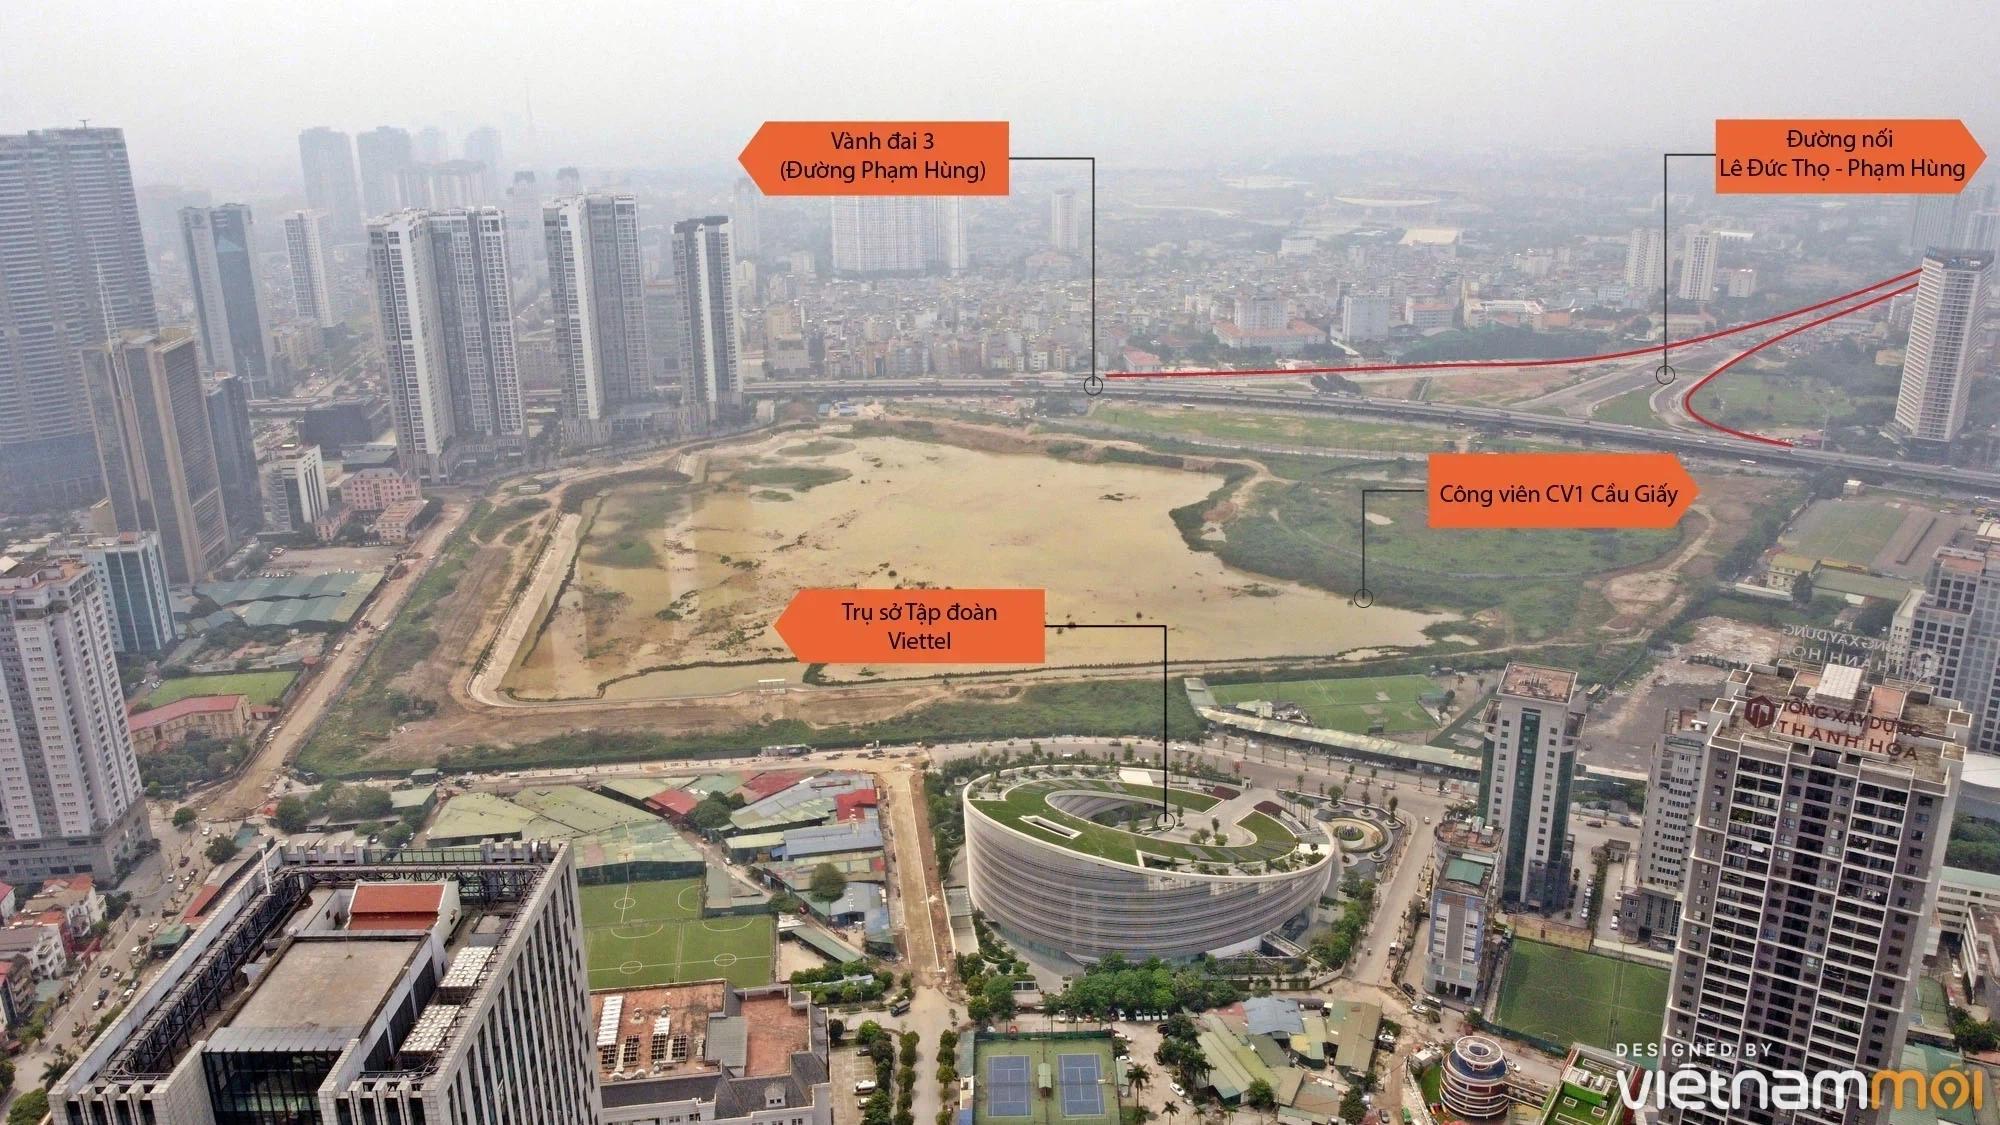 Toàn cảnh đường nối Lê Đức Thọ - Phạm Hùng đang mở theo quy hoạch ở Hà Nội - Ảnh 1.